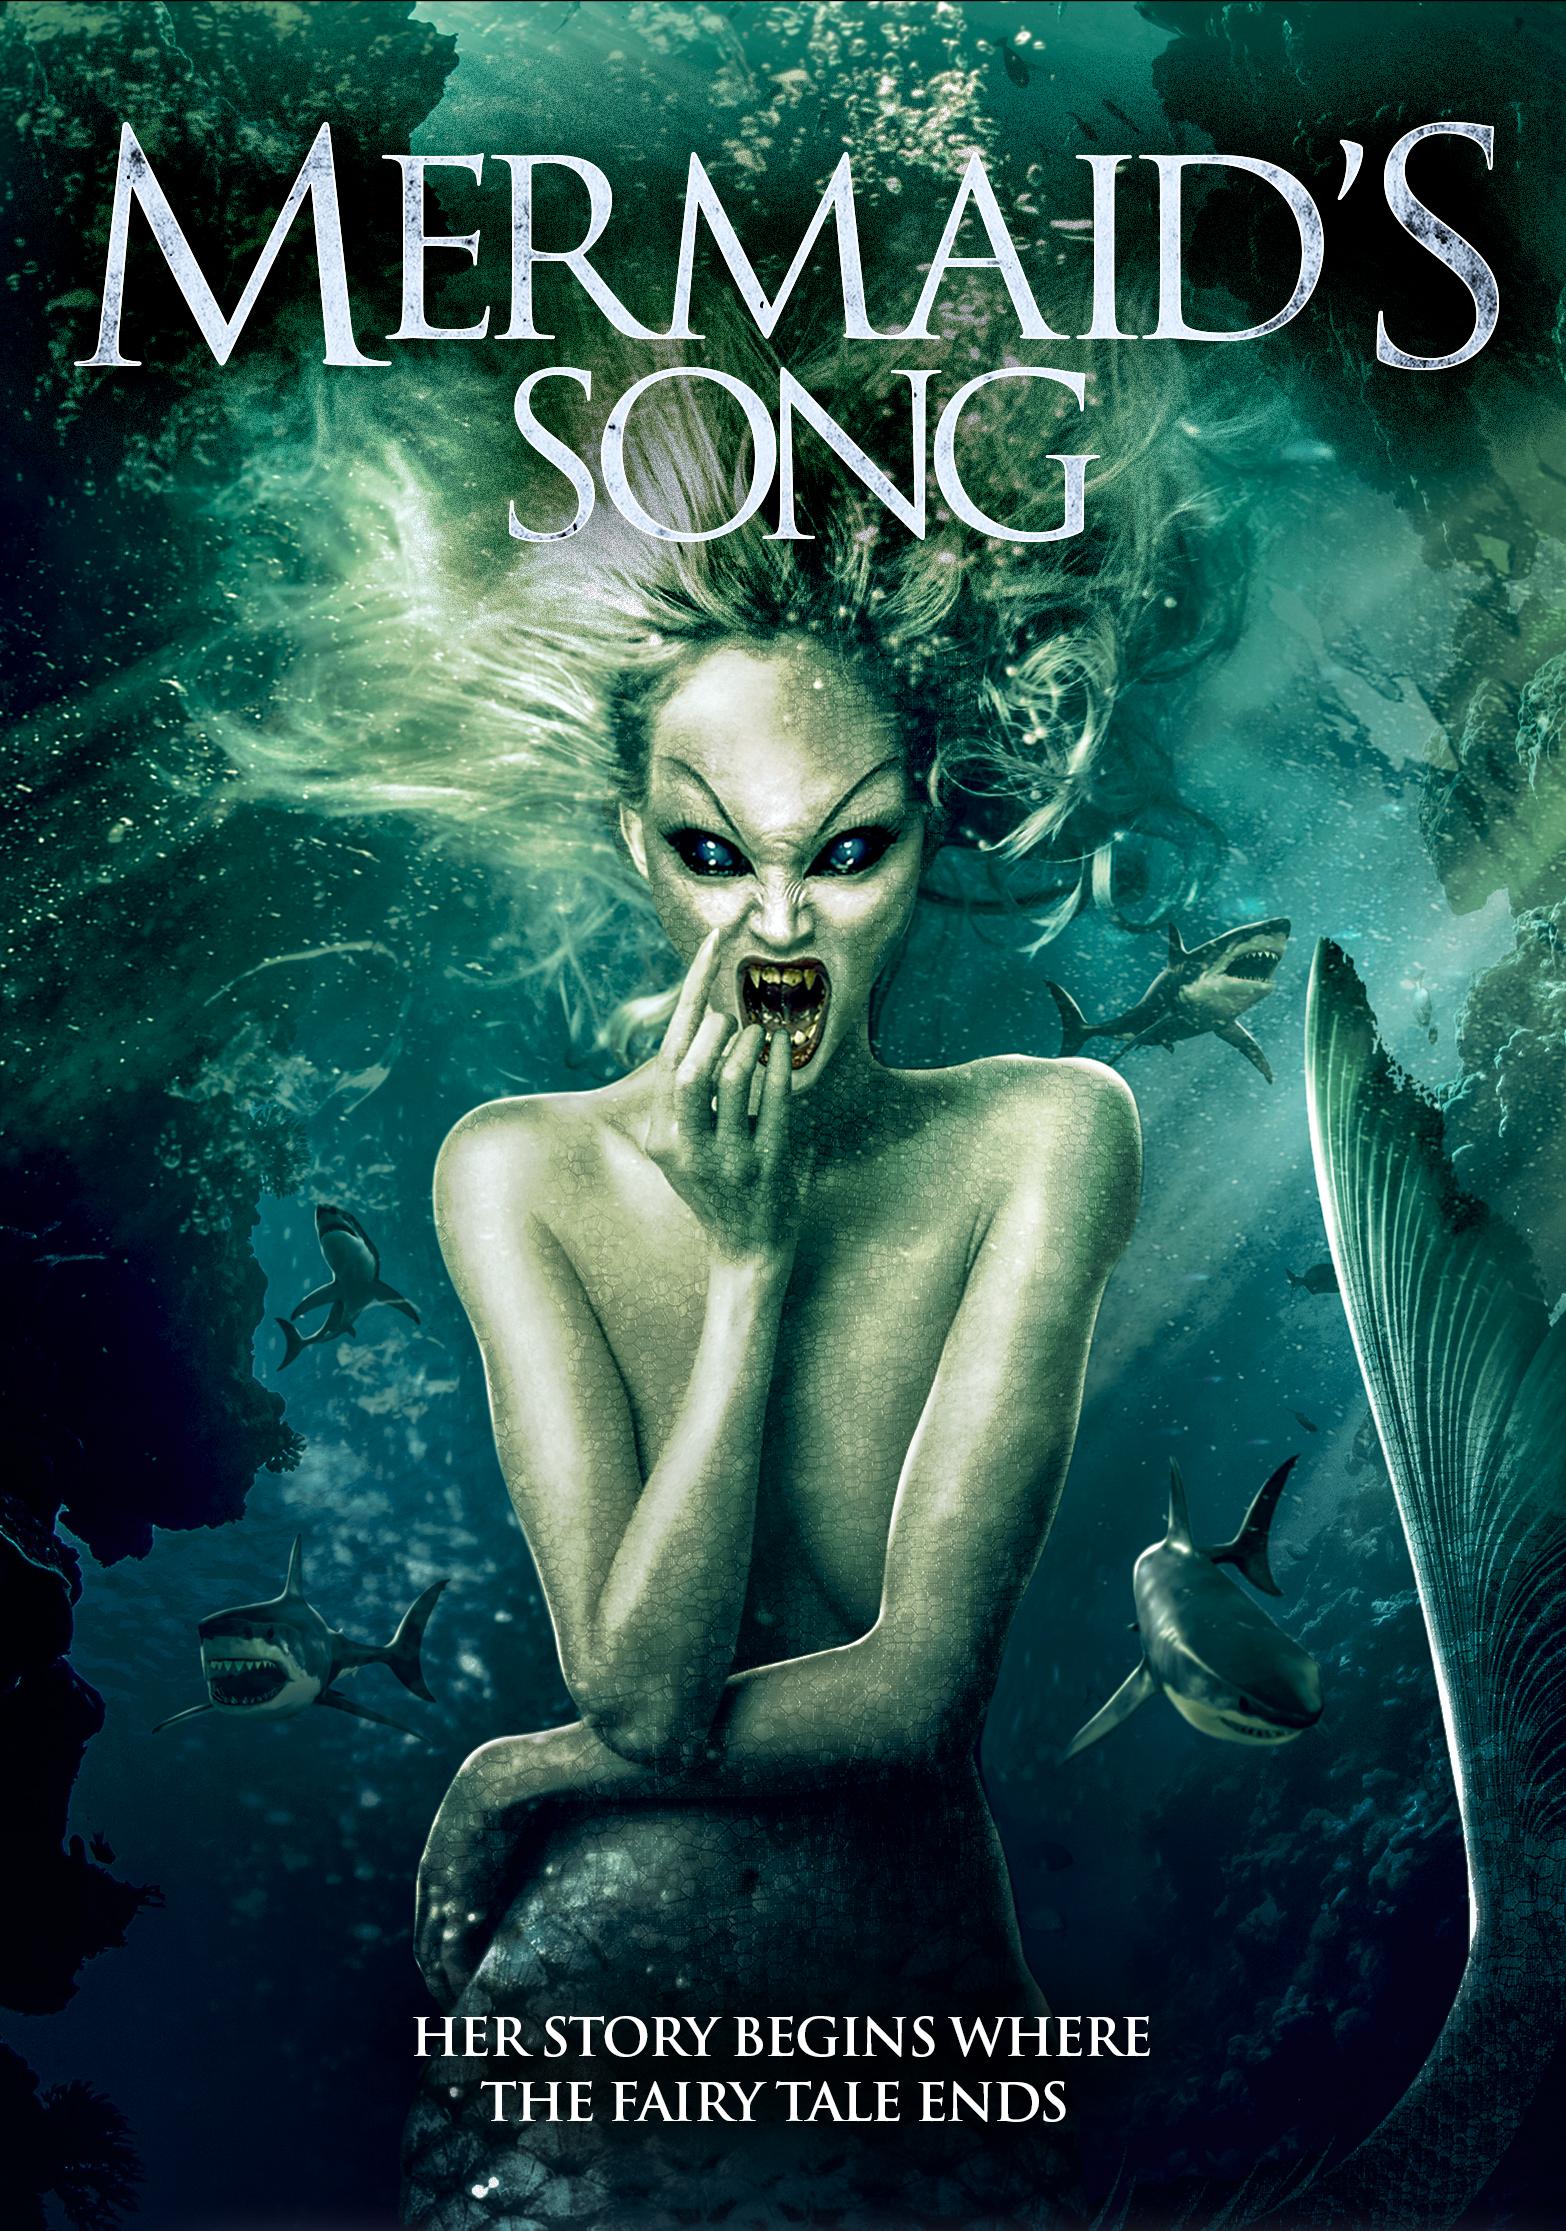 Mermaid's Song kapak